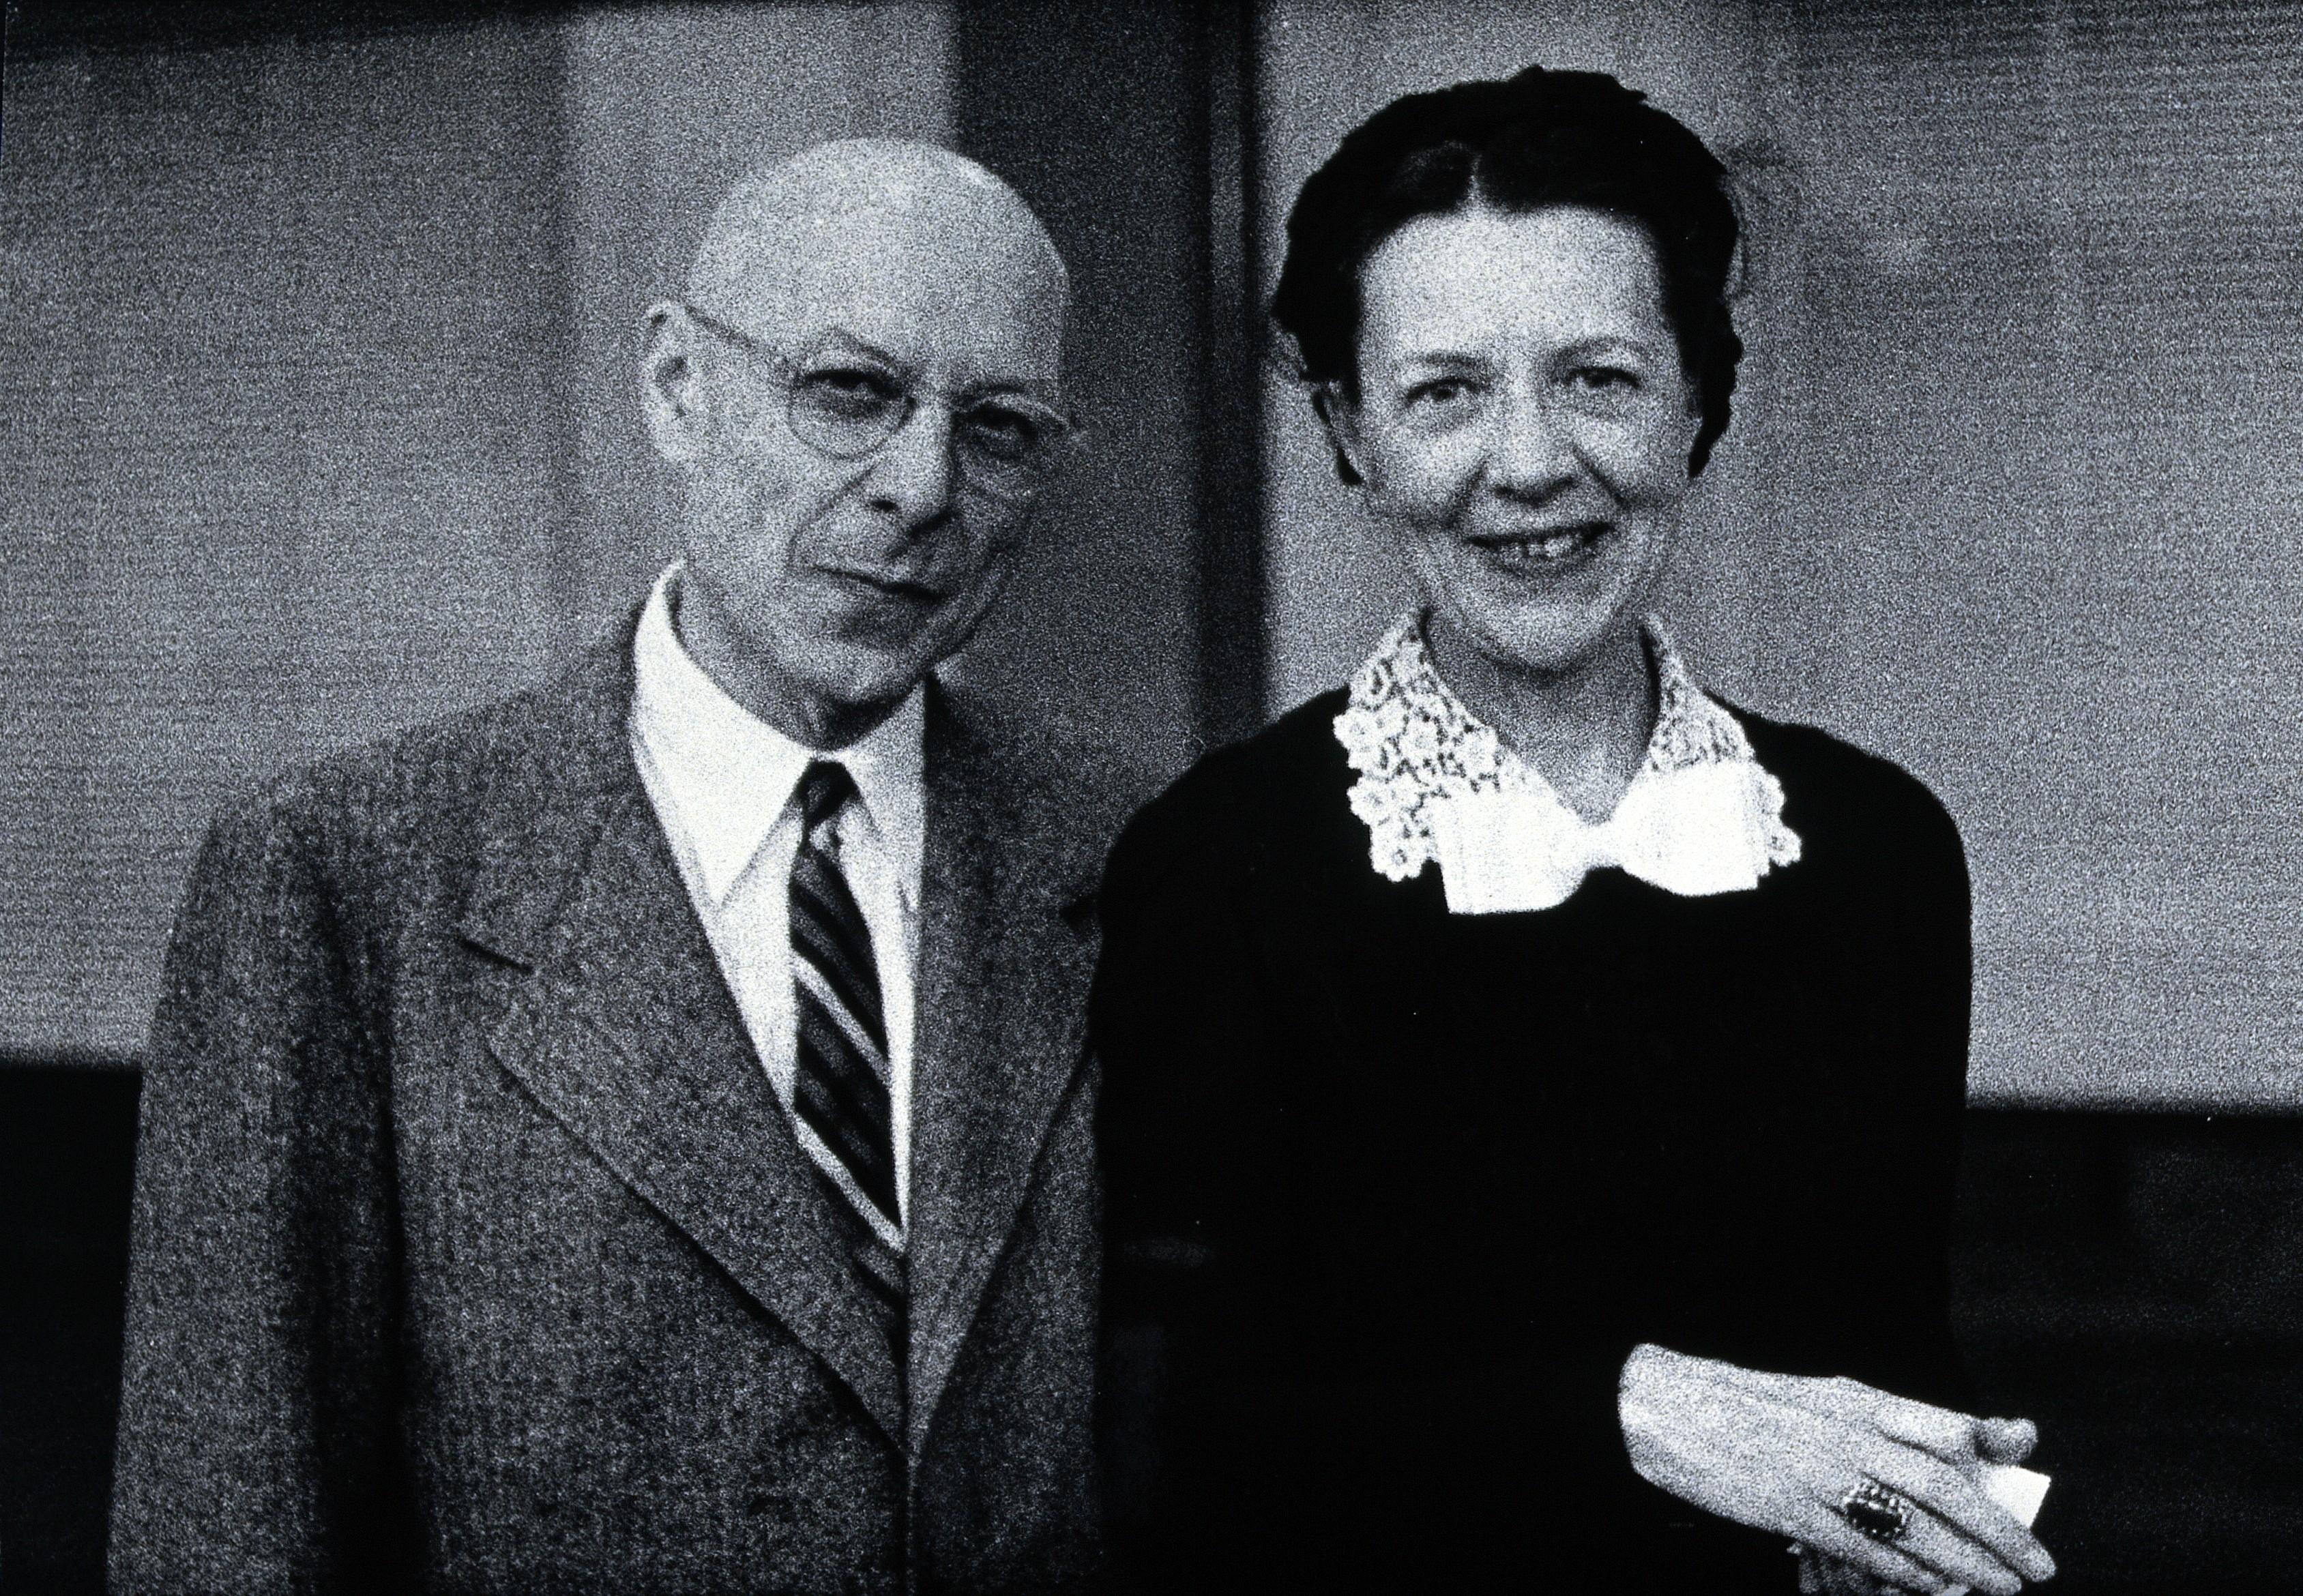 image of William Hay Taliaferro